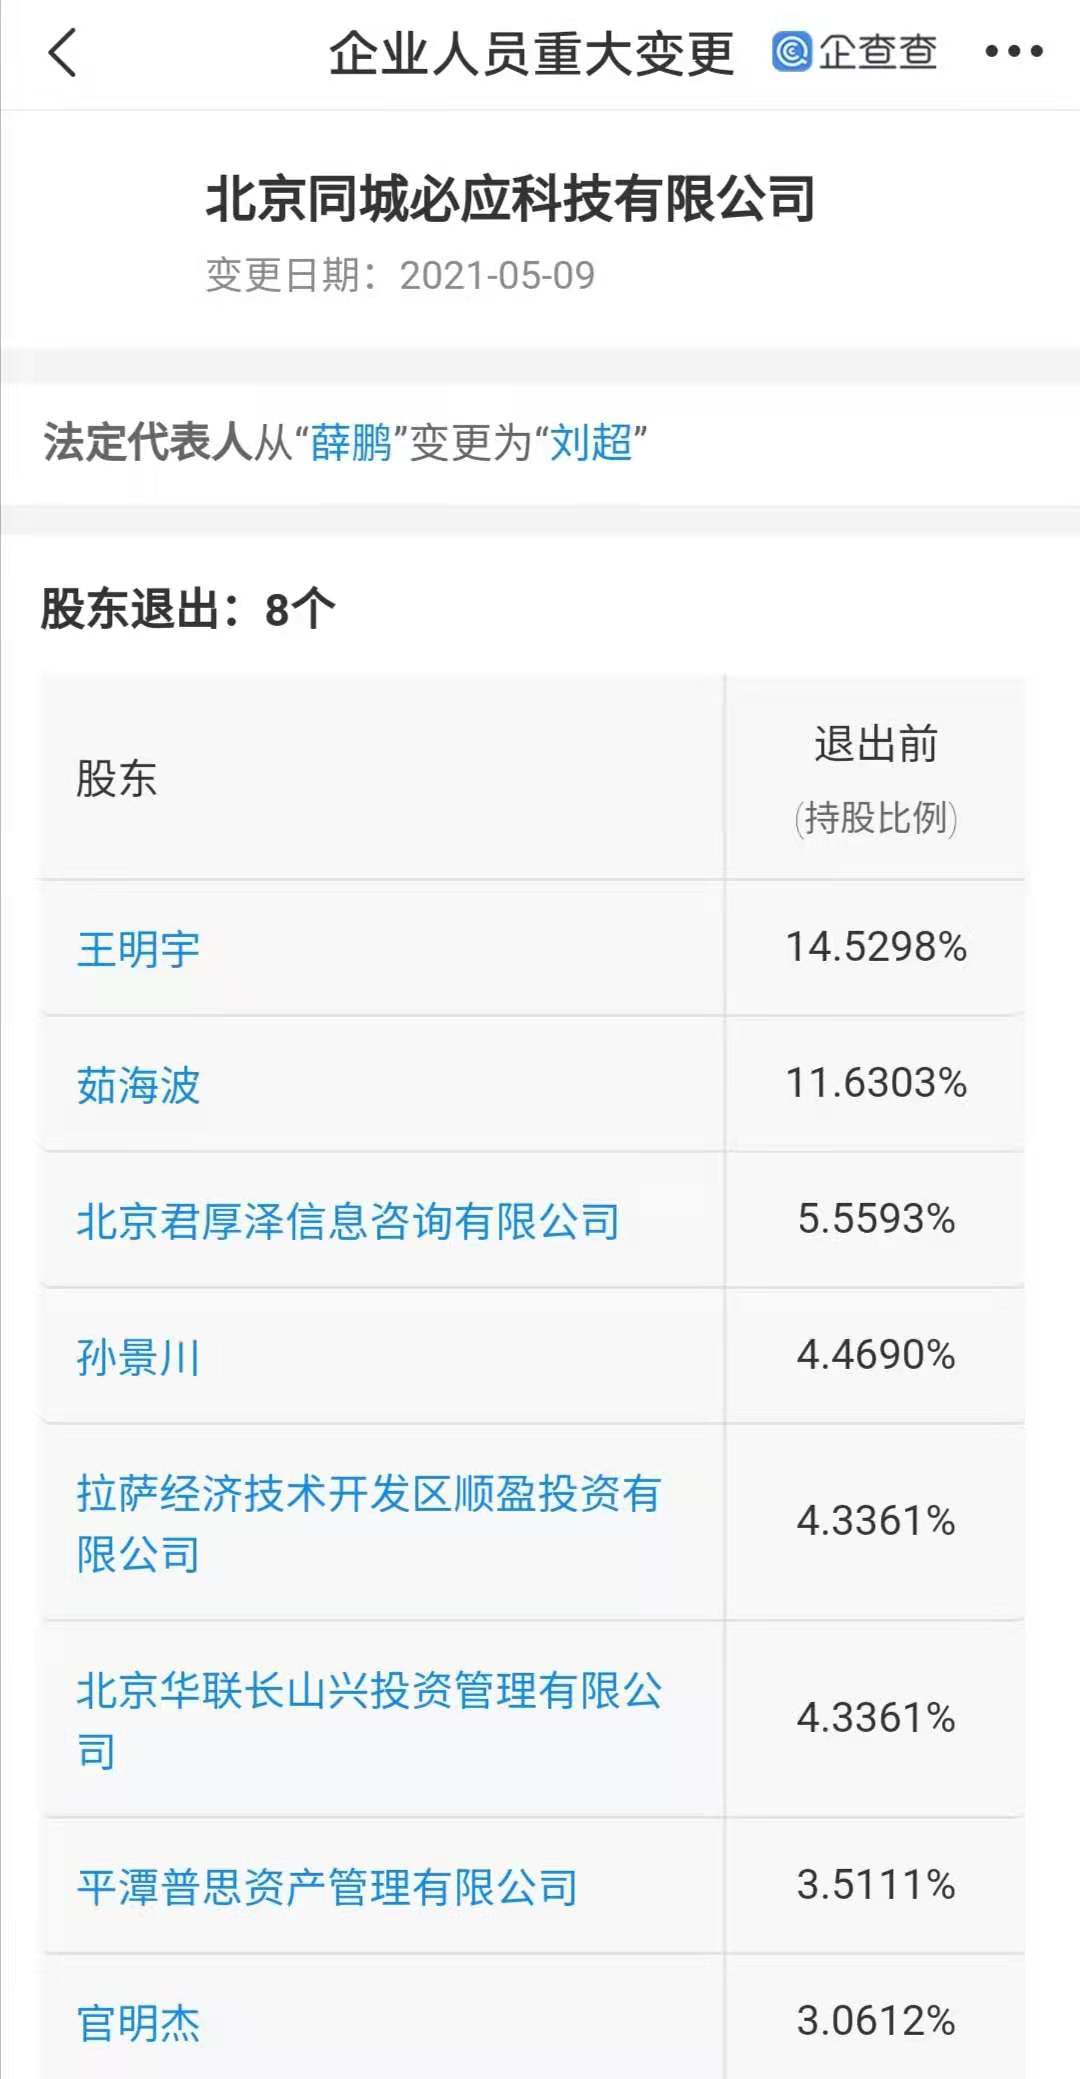 薛鹏退出闪送经营主体法定代表人,刘超接任